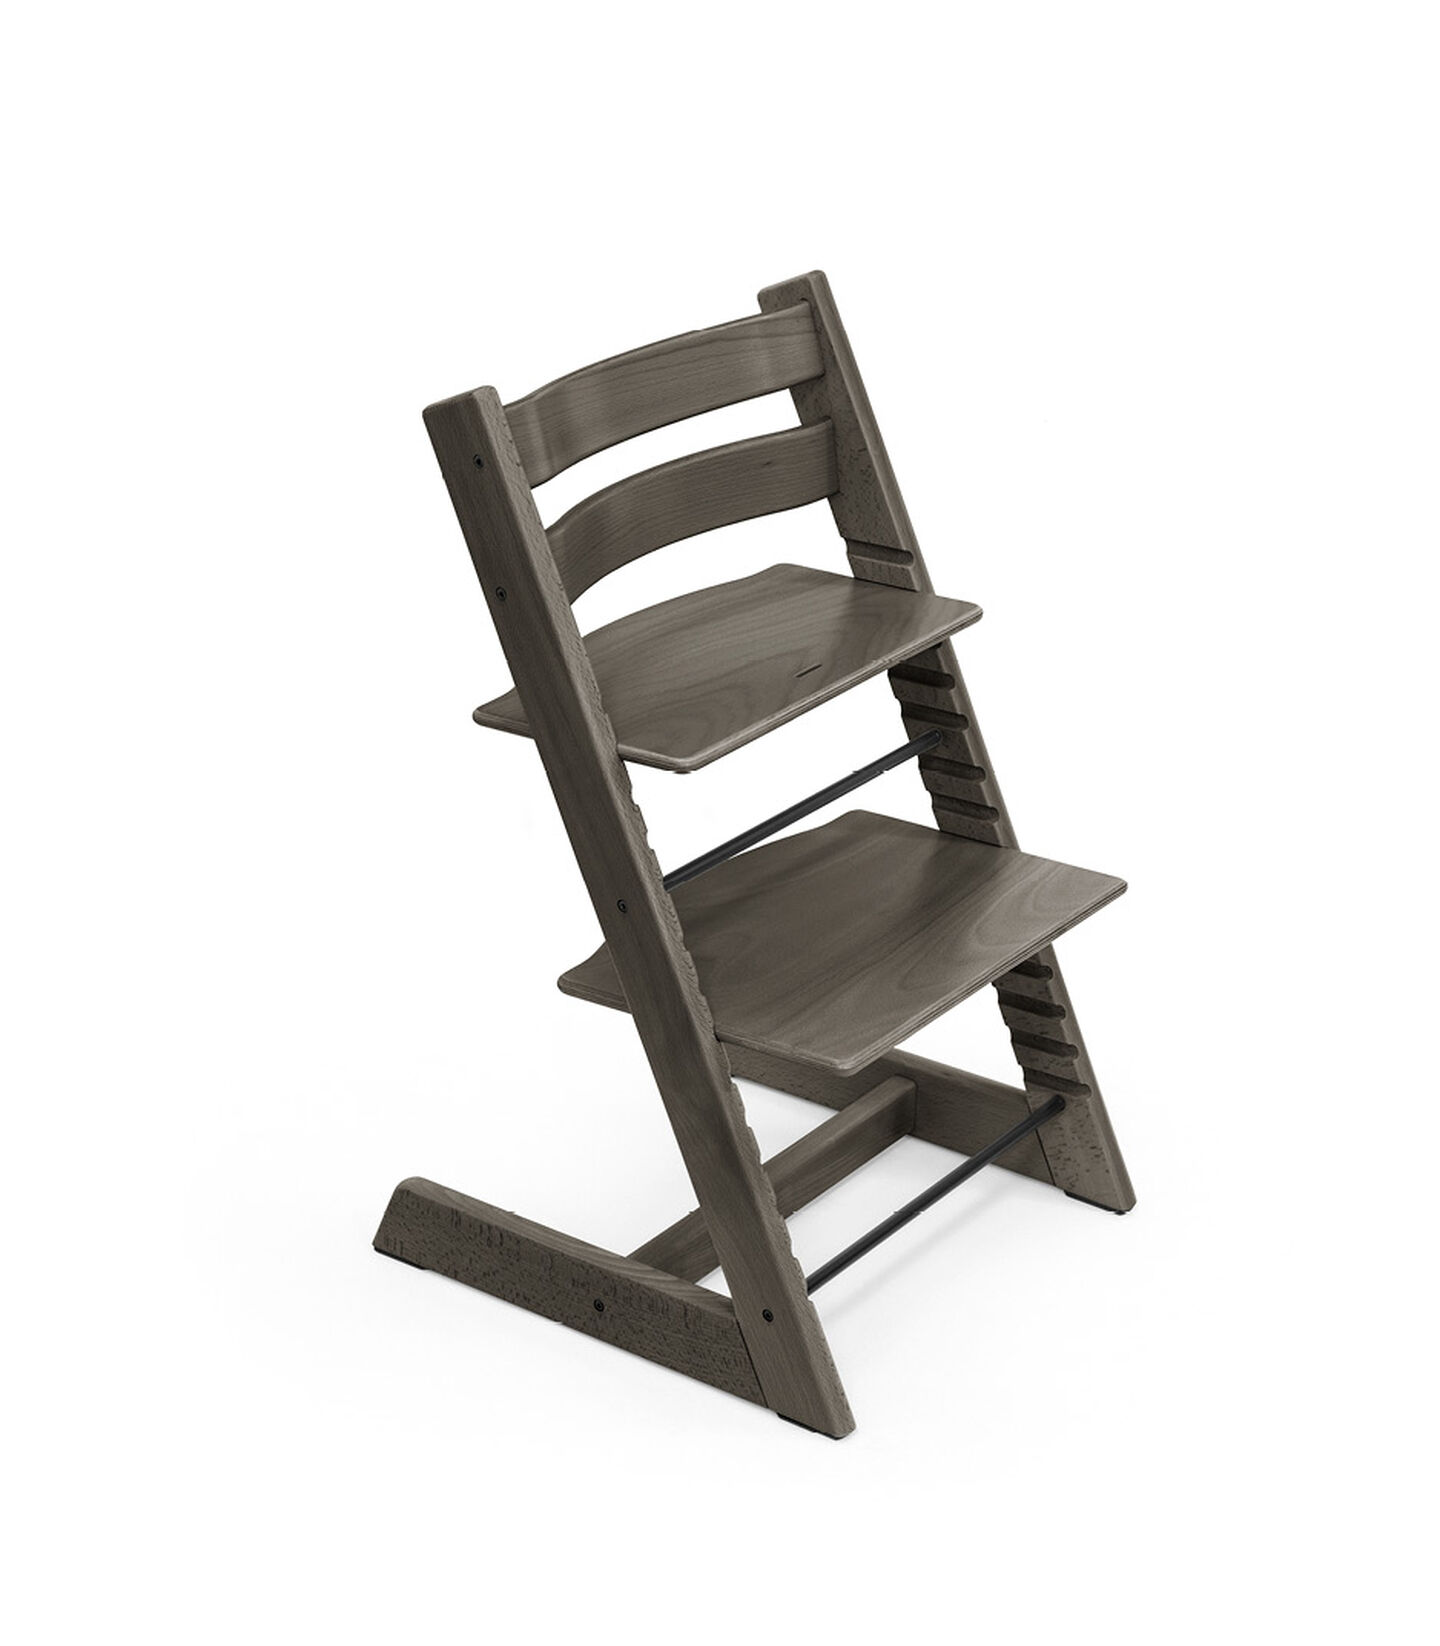 Krzesło Tripp Trapp® Hazy Grey, Hazy Grey, mainview view 2